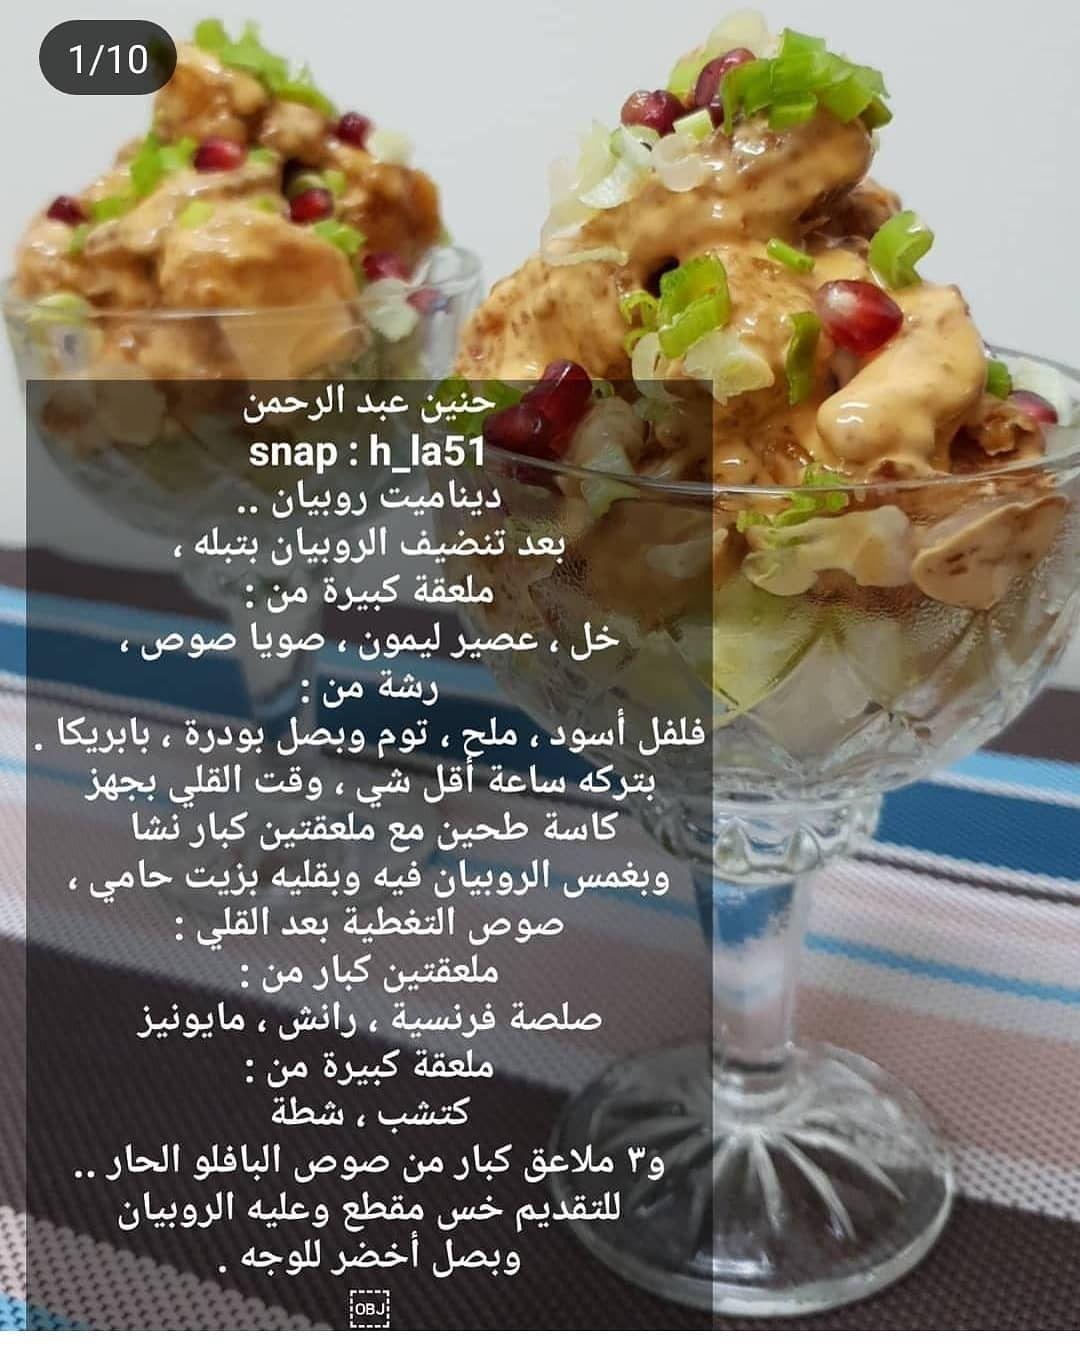 Pin By Istifada استفادة On طبخ من تجميعي In 2020 Appetizer Snacks Food Arabic Food